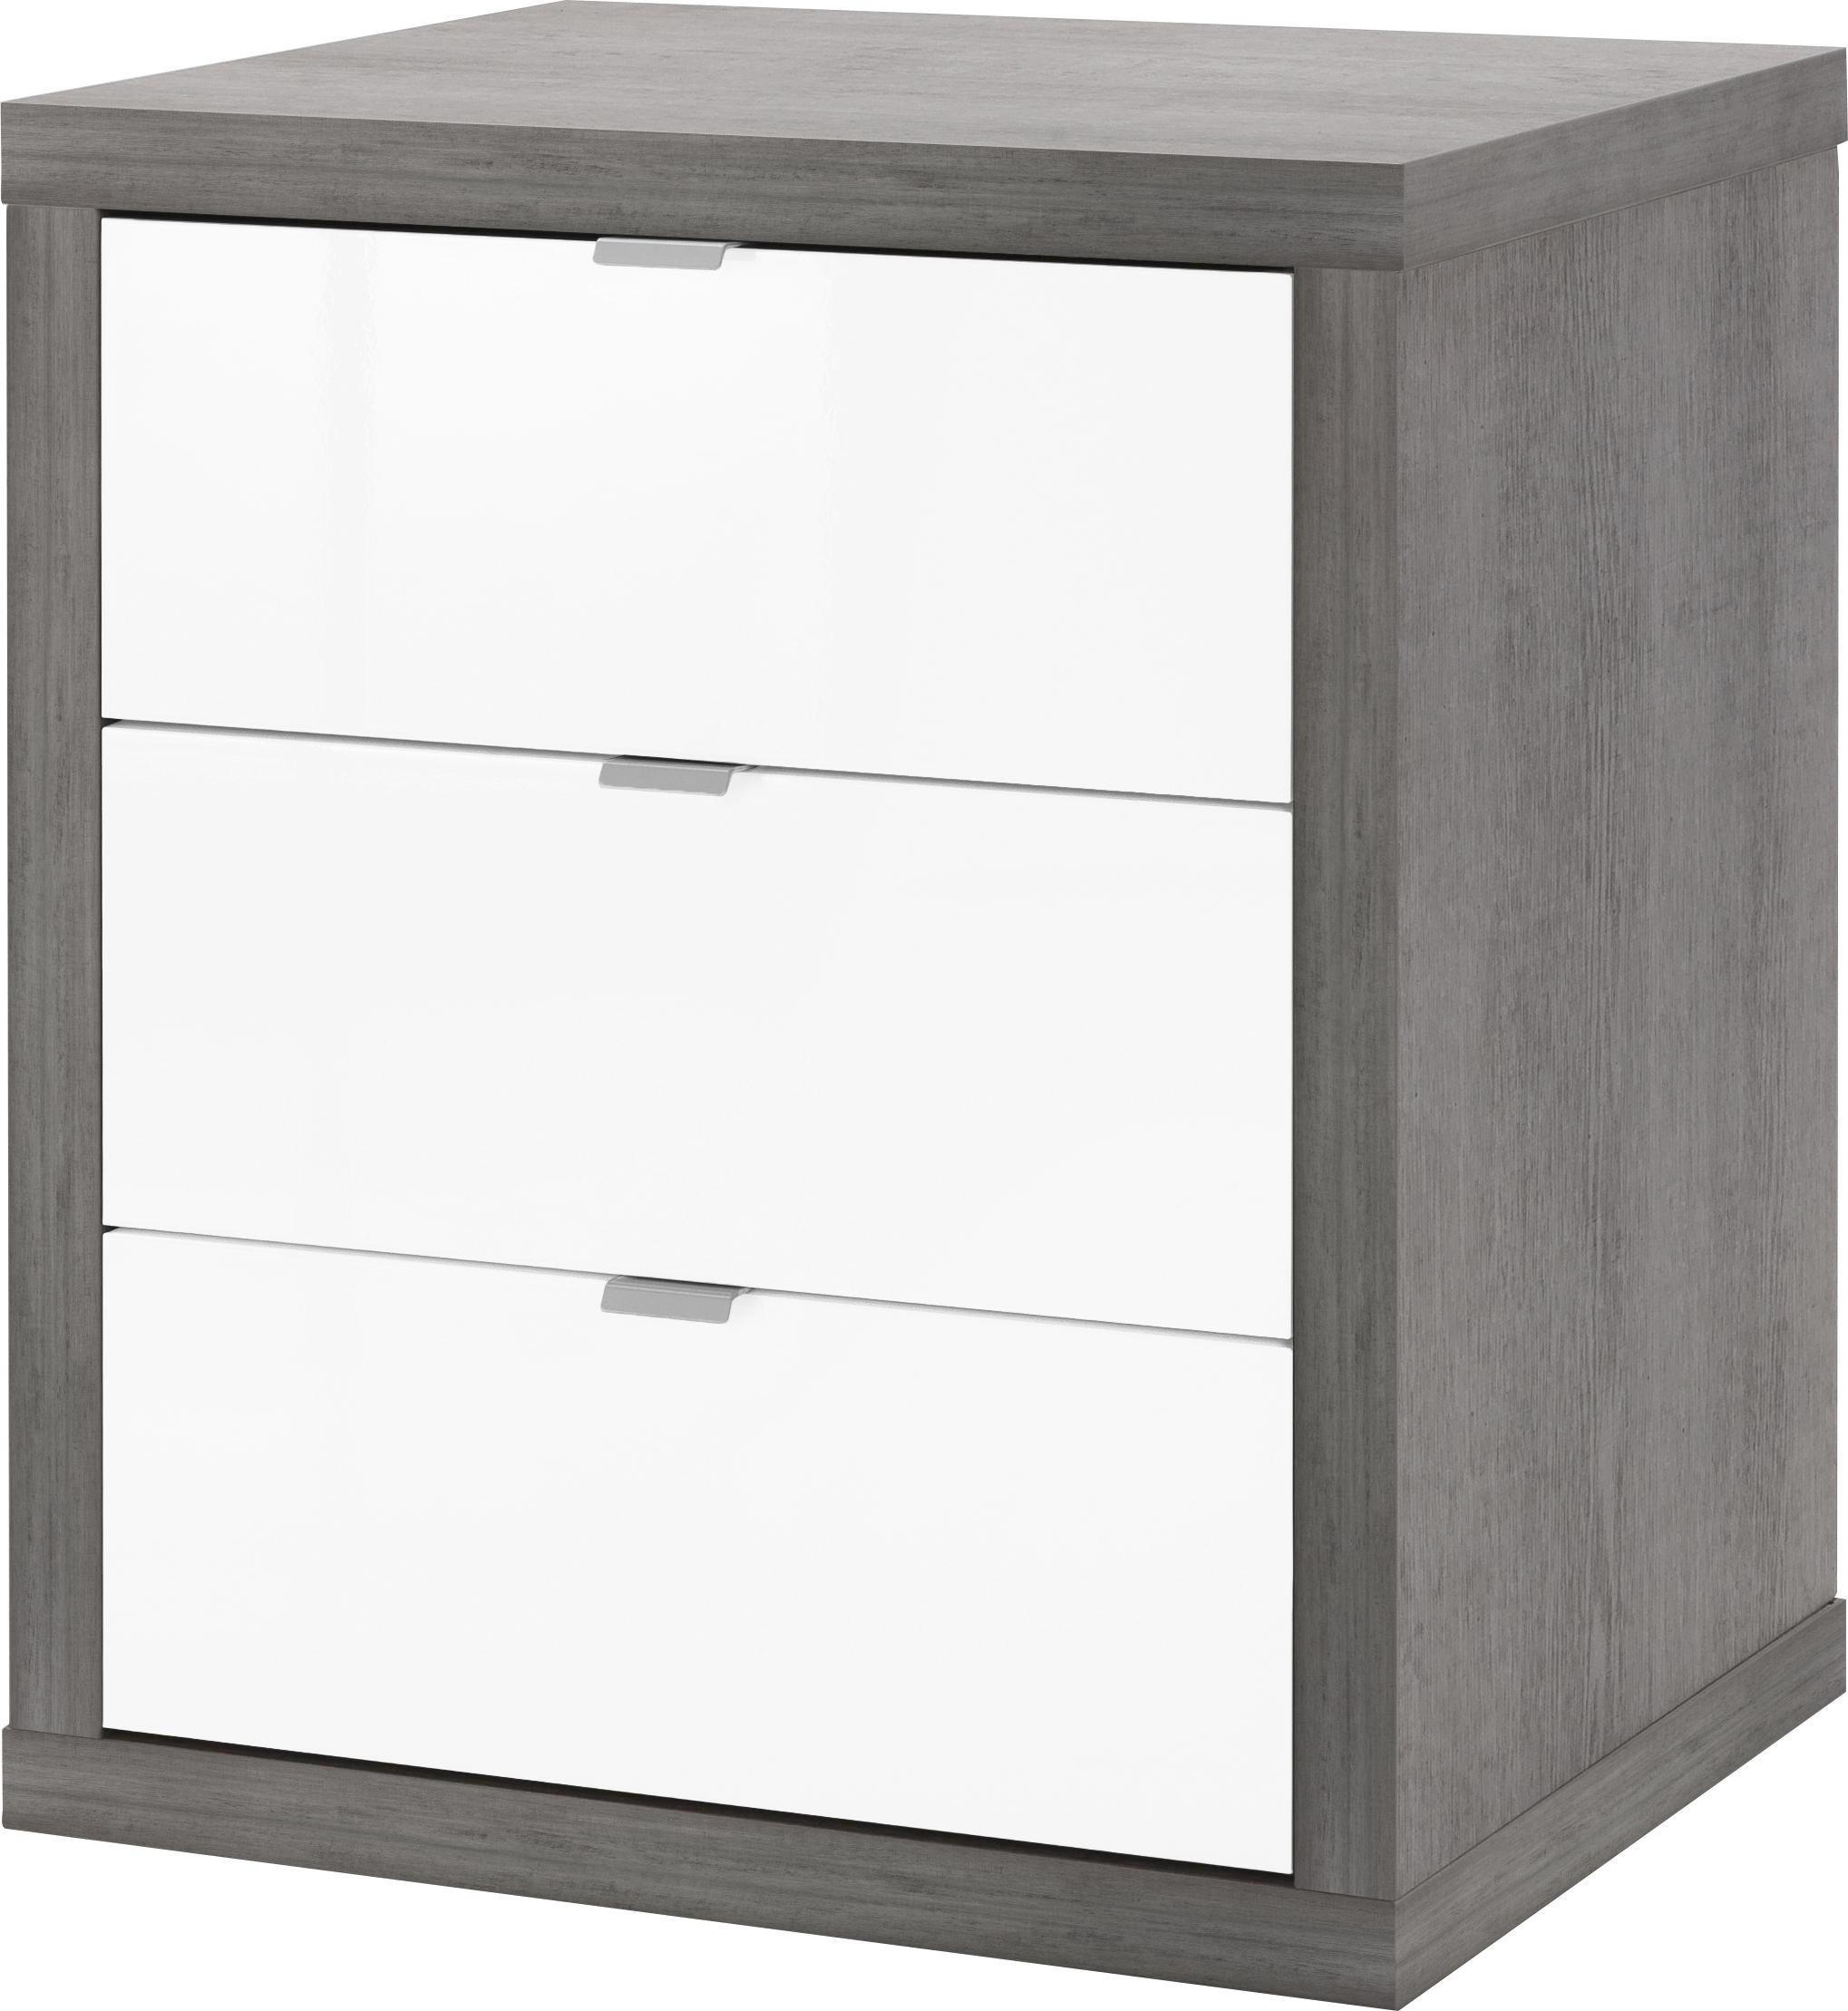 Außergewöhnlich Rollcontainer Kunststoff Sammlung Von Grau, Weiß - Weiß/grau, Design, Kunststoff/metall (55